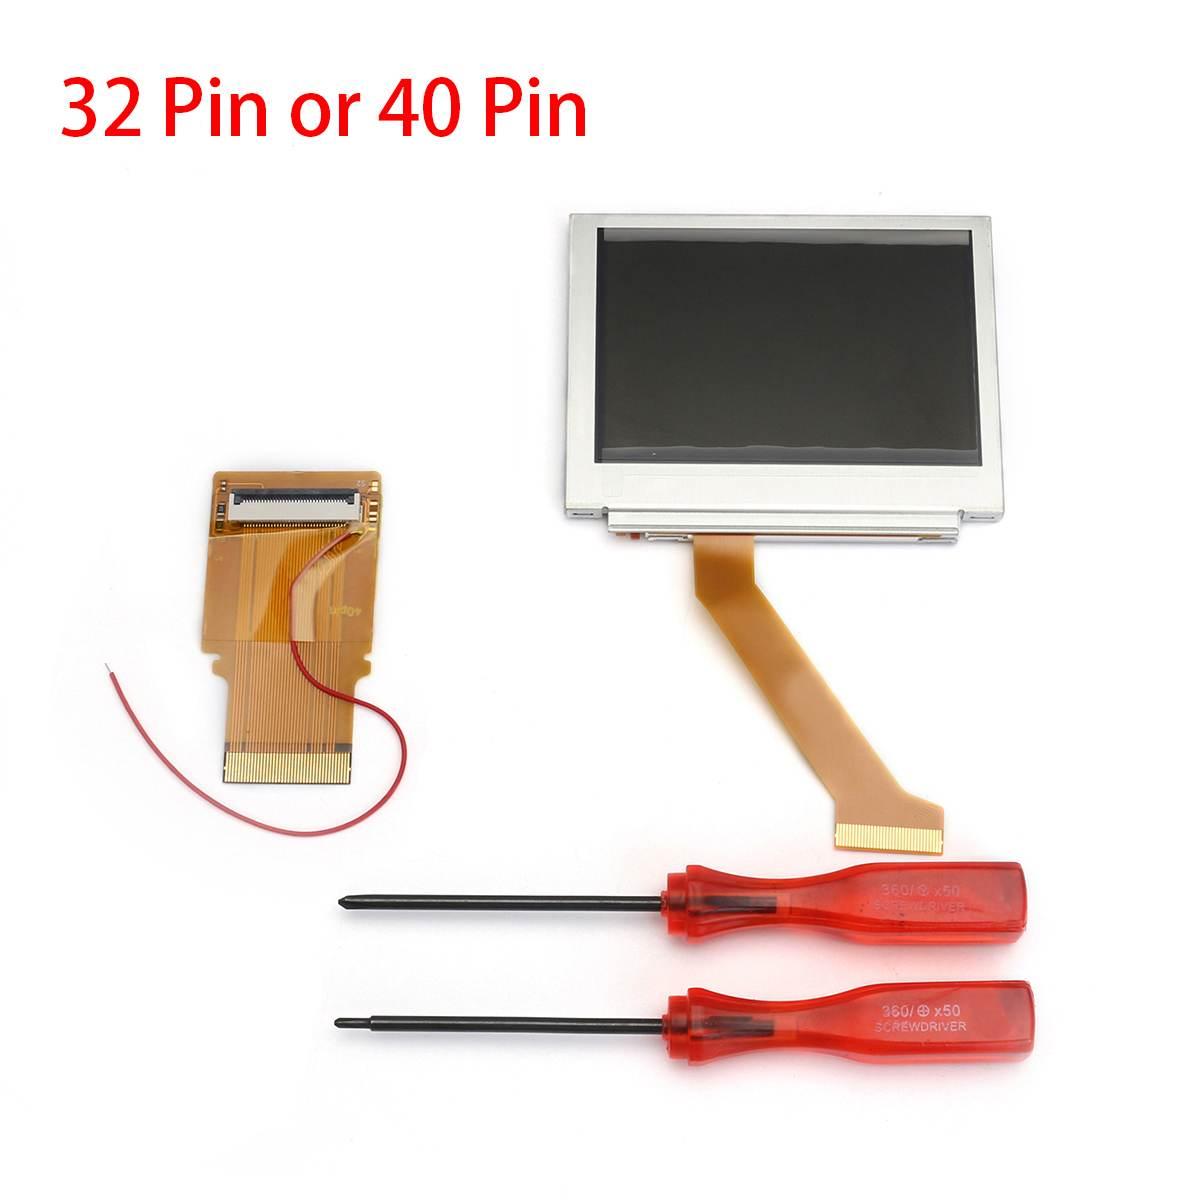 40 булавки/32 булавки ленточный кабель адаптер с подсветкой + GBA SP AGS 101 с подсветкой экран Mod Kit для игр мальчик Advance видео запчасти авто